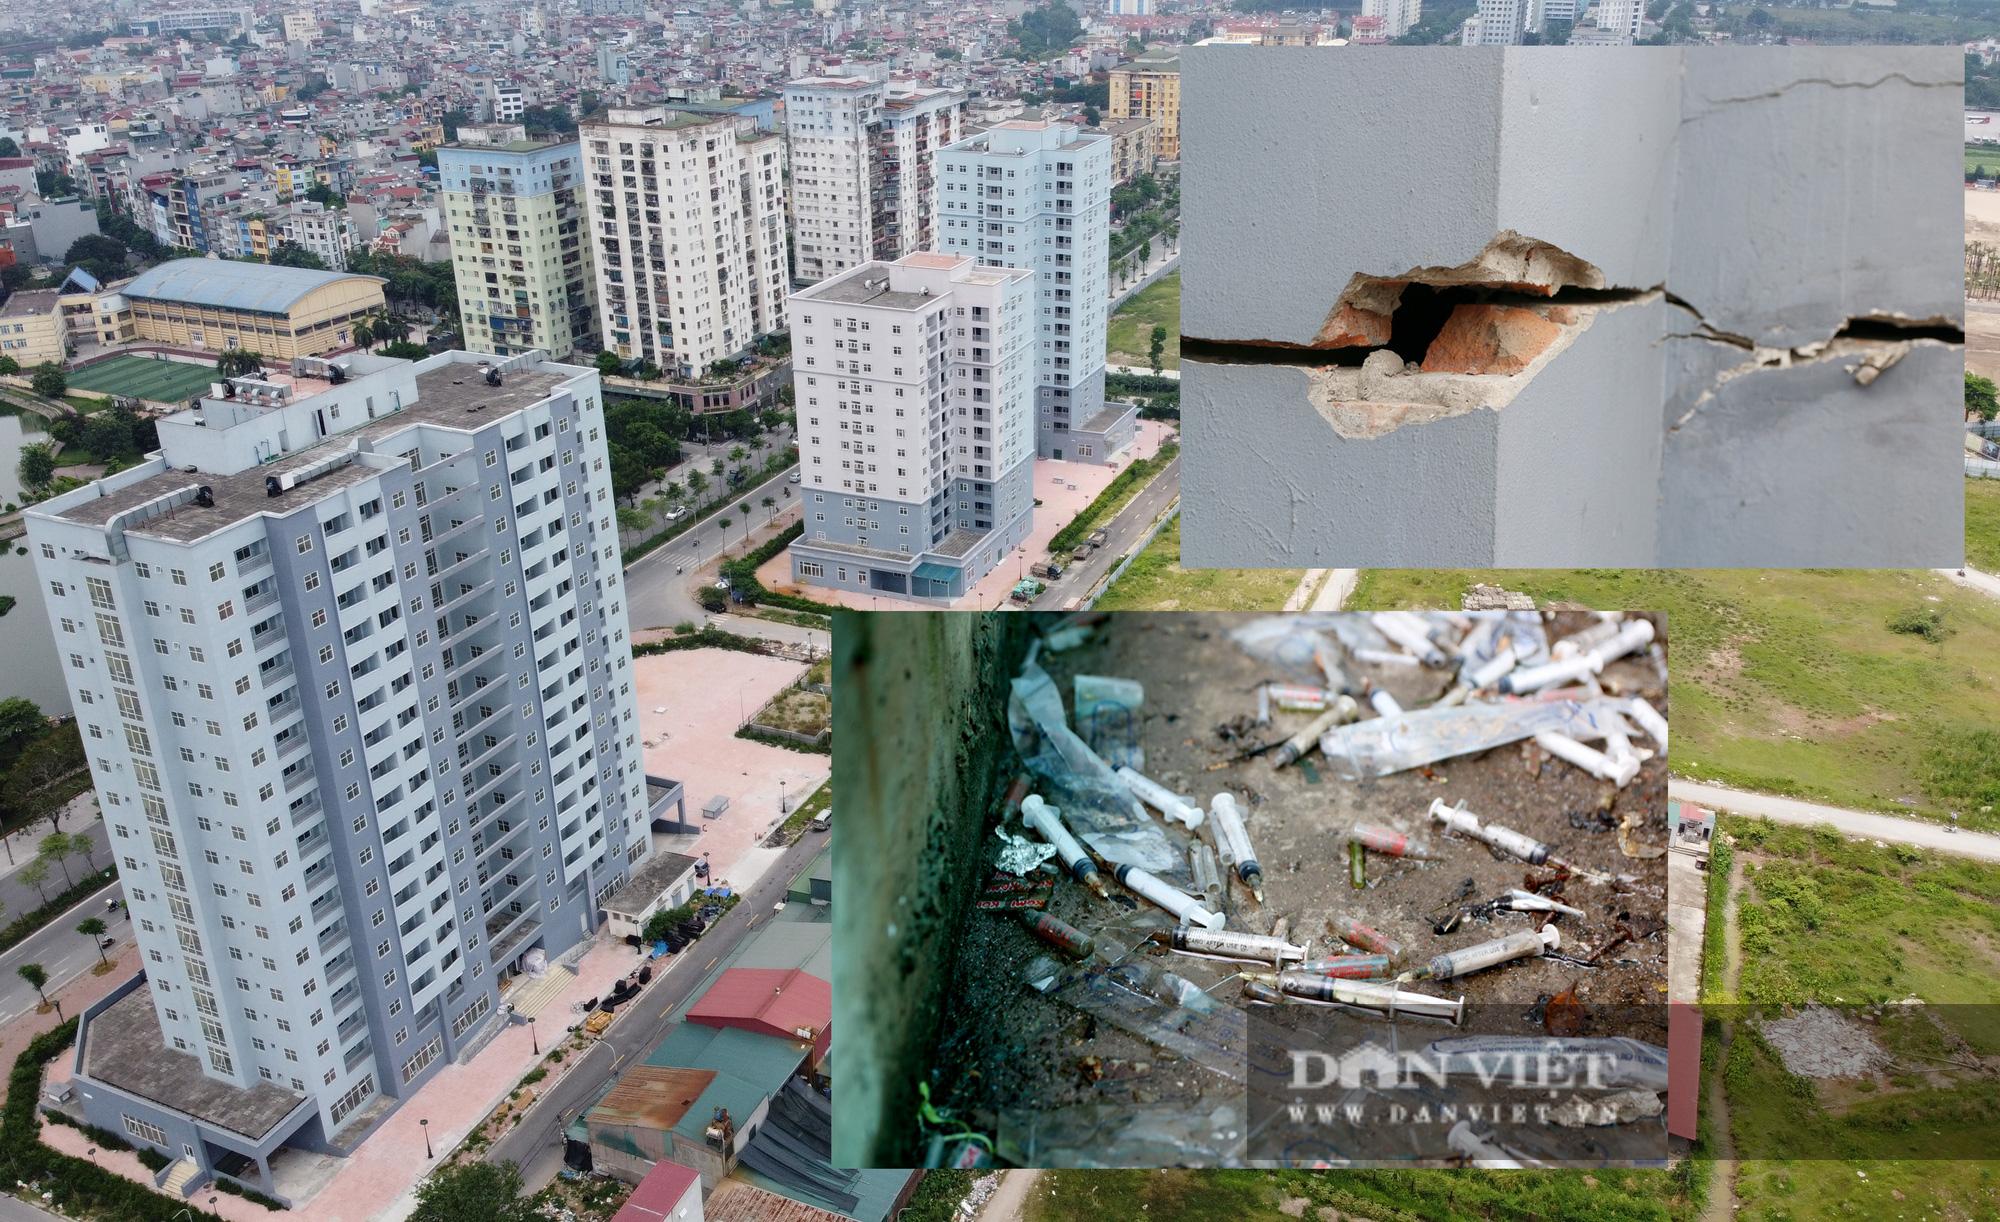 Xót xa cảnh nhà tái định cư ở Hà Nội xây xong rồi bỏ không - Ảnh 2.